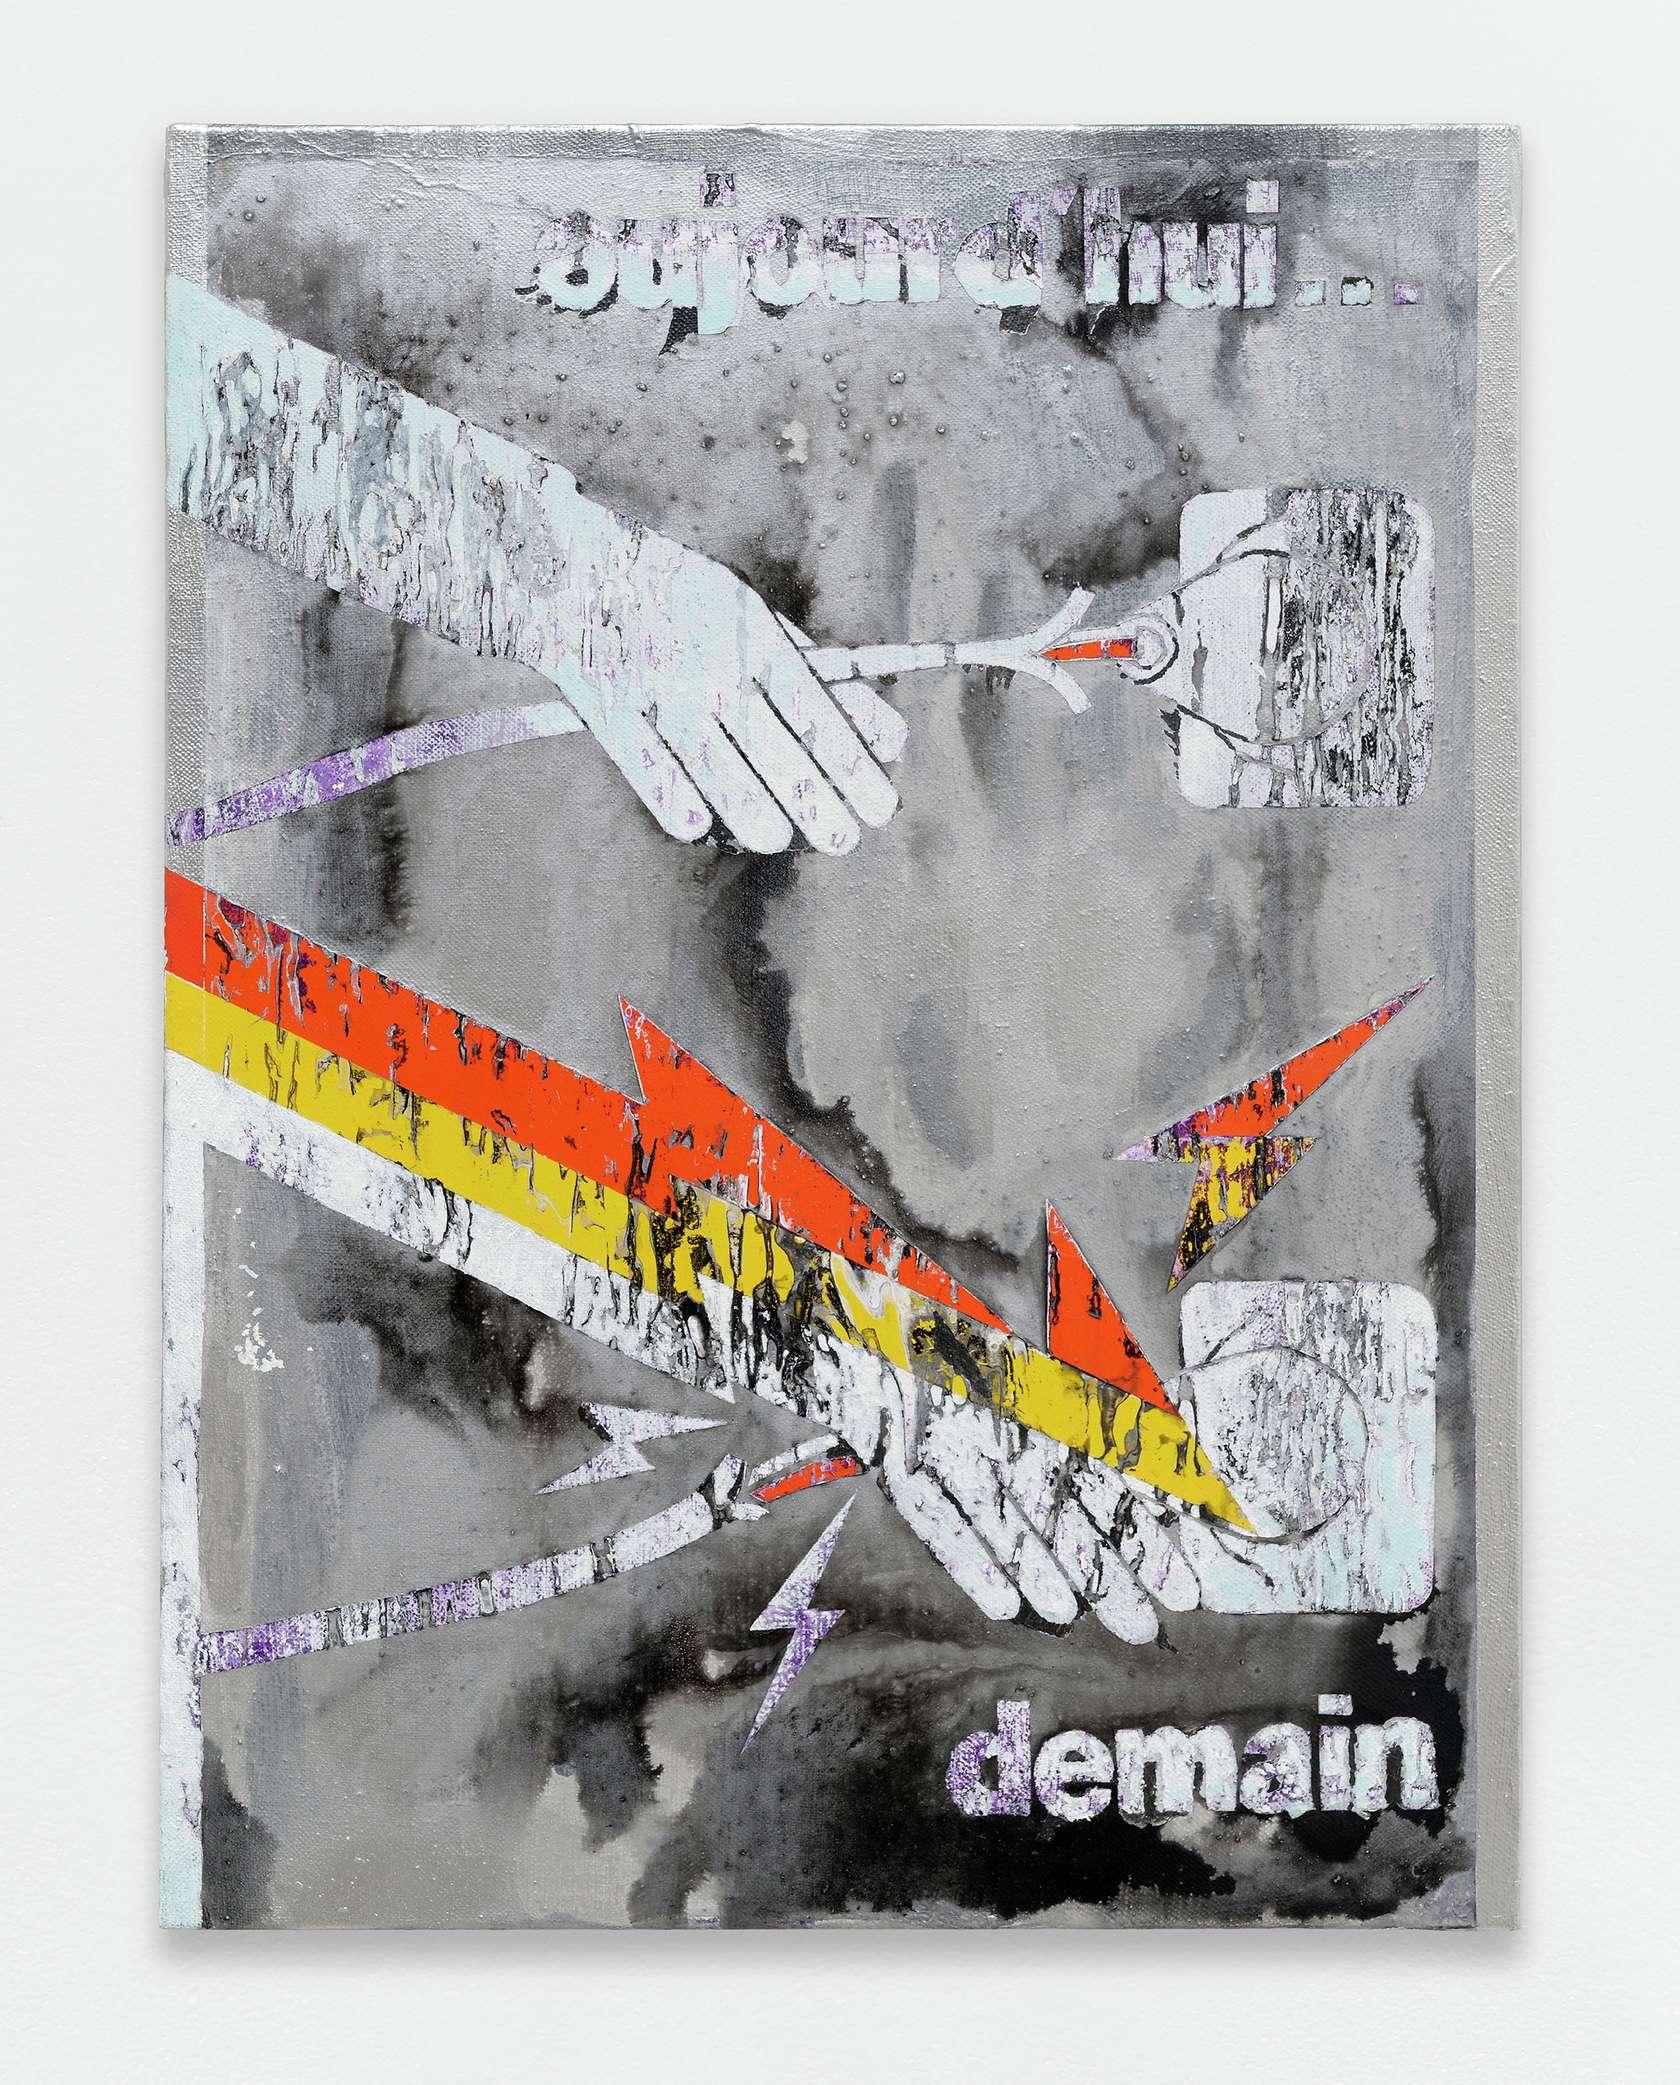 Laurent Proux, Aujourd'hui... demain, 2017 Huile sur toile61.5 x 46 cm / 24 2/8 x 18 1/8 inches